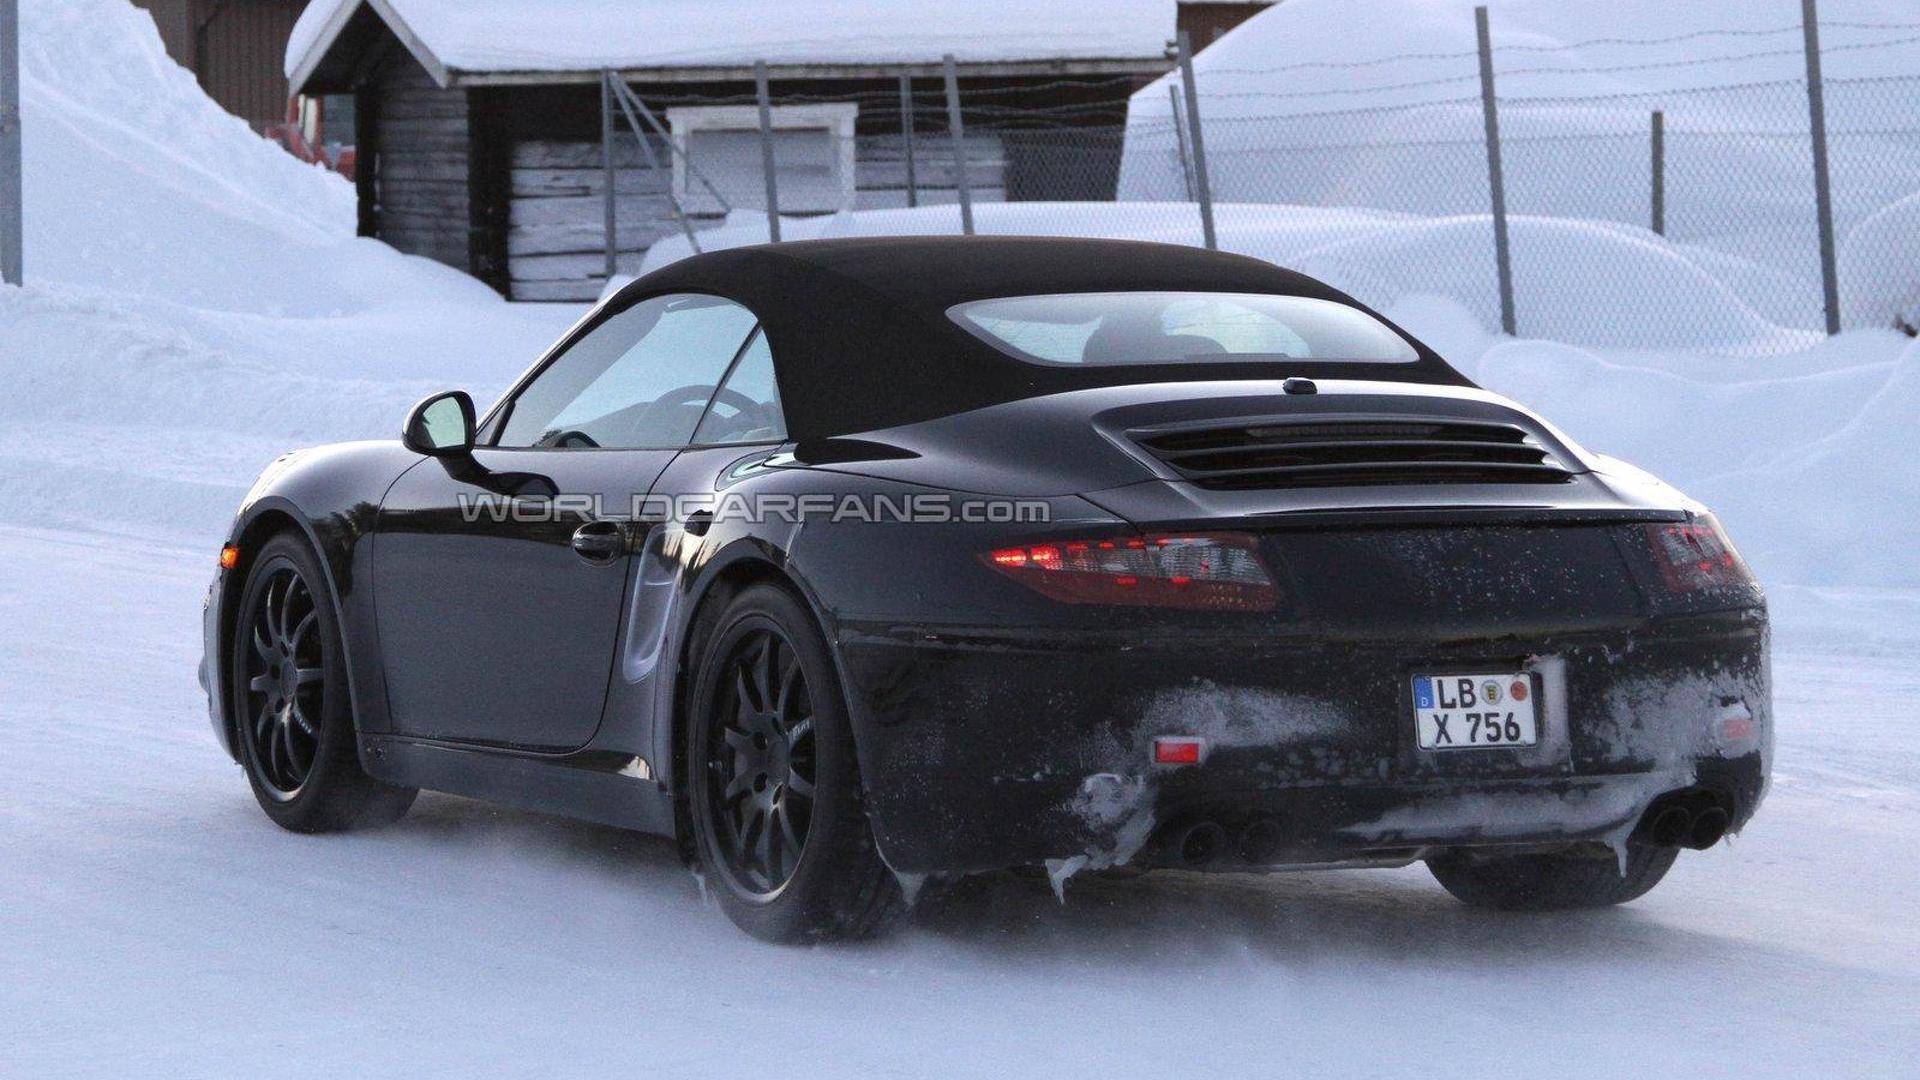 2012 Porsche 911 Cabrio spied in the cold